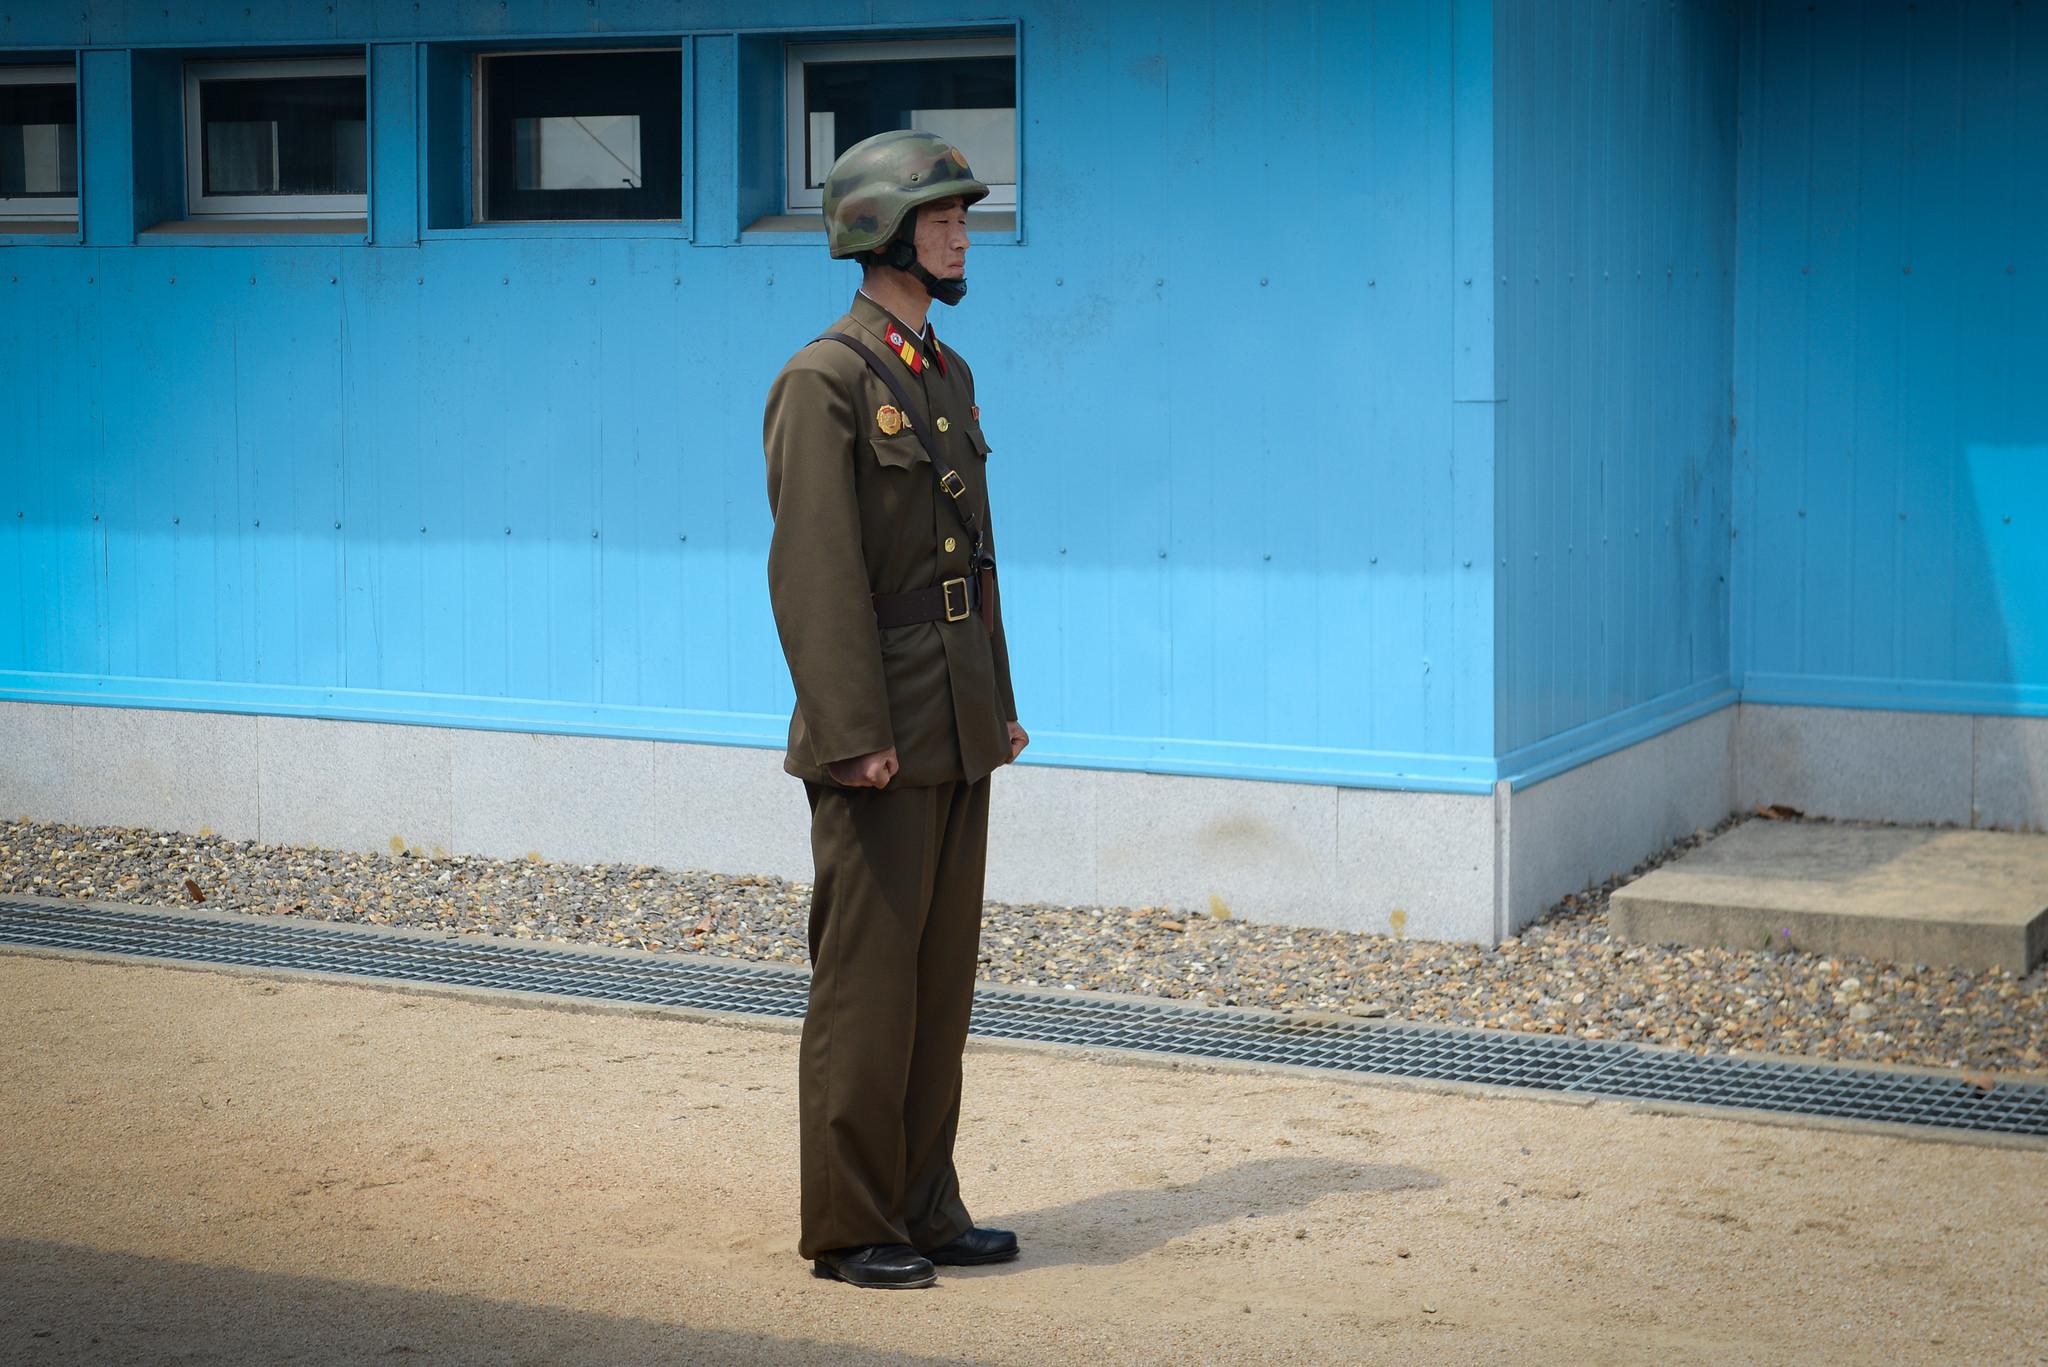 Corée du Sud: les données personnelles d'un millier de réfugiés nord-coréens piratées